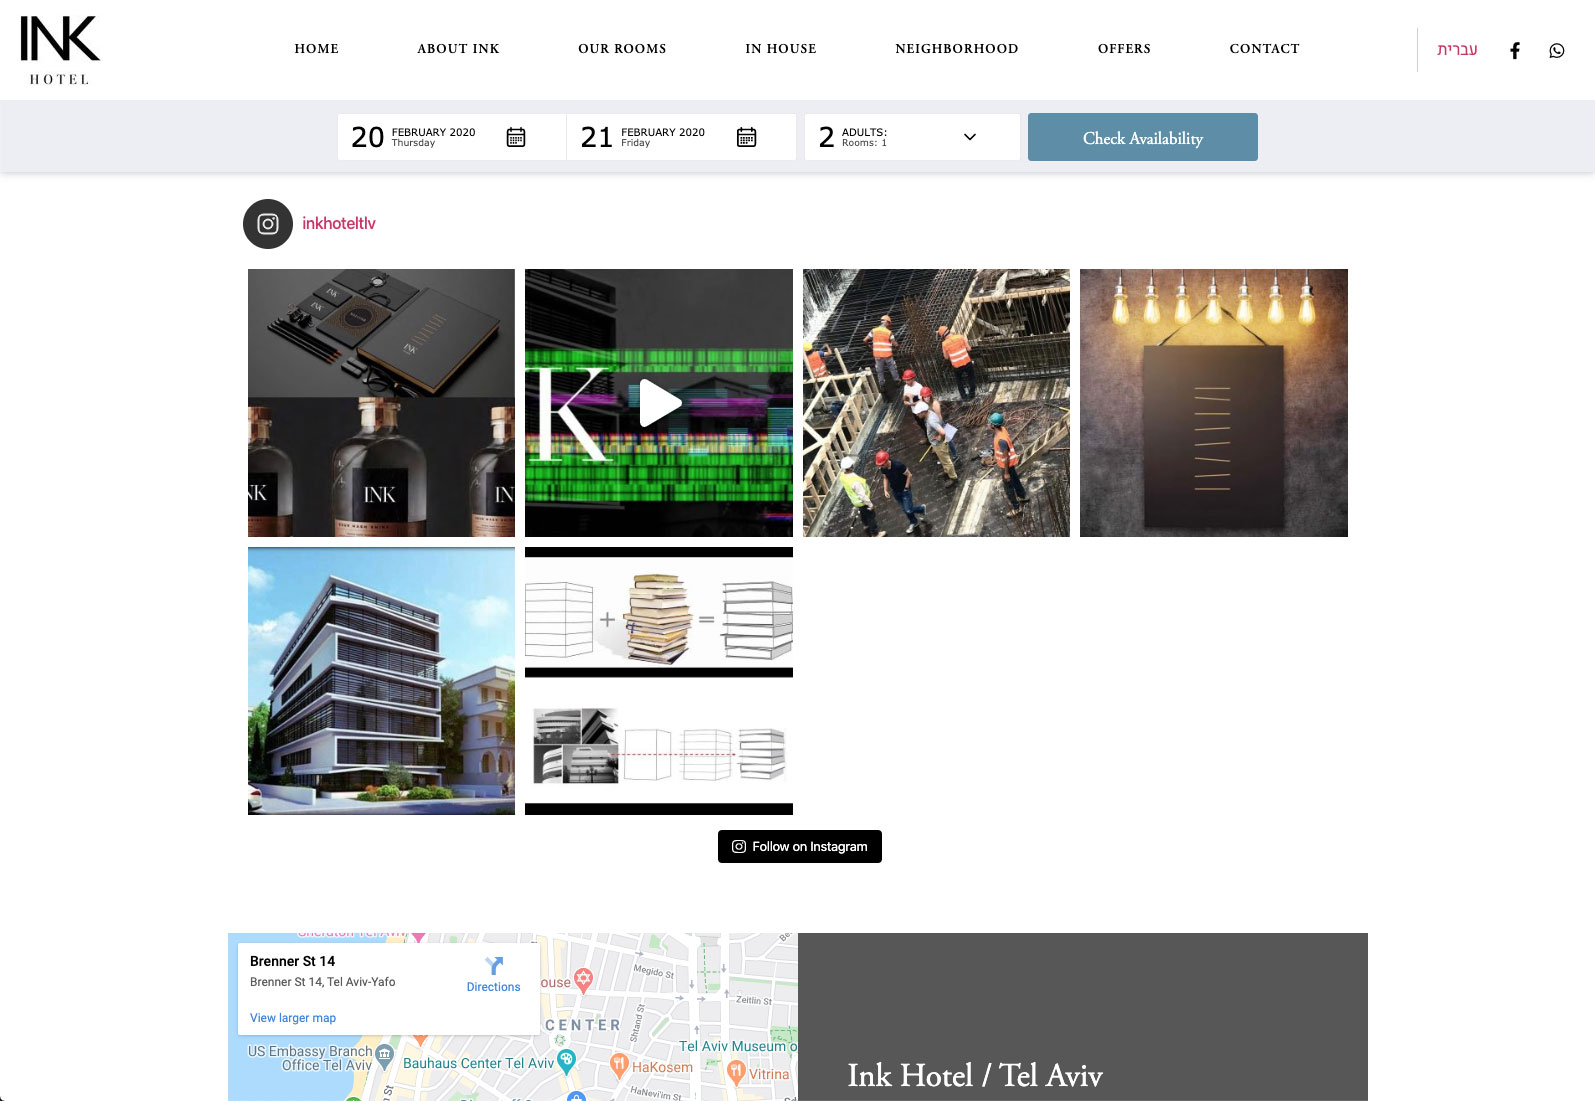 בניית אתר לבית מלון INK בתל אביב